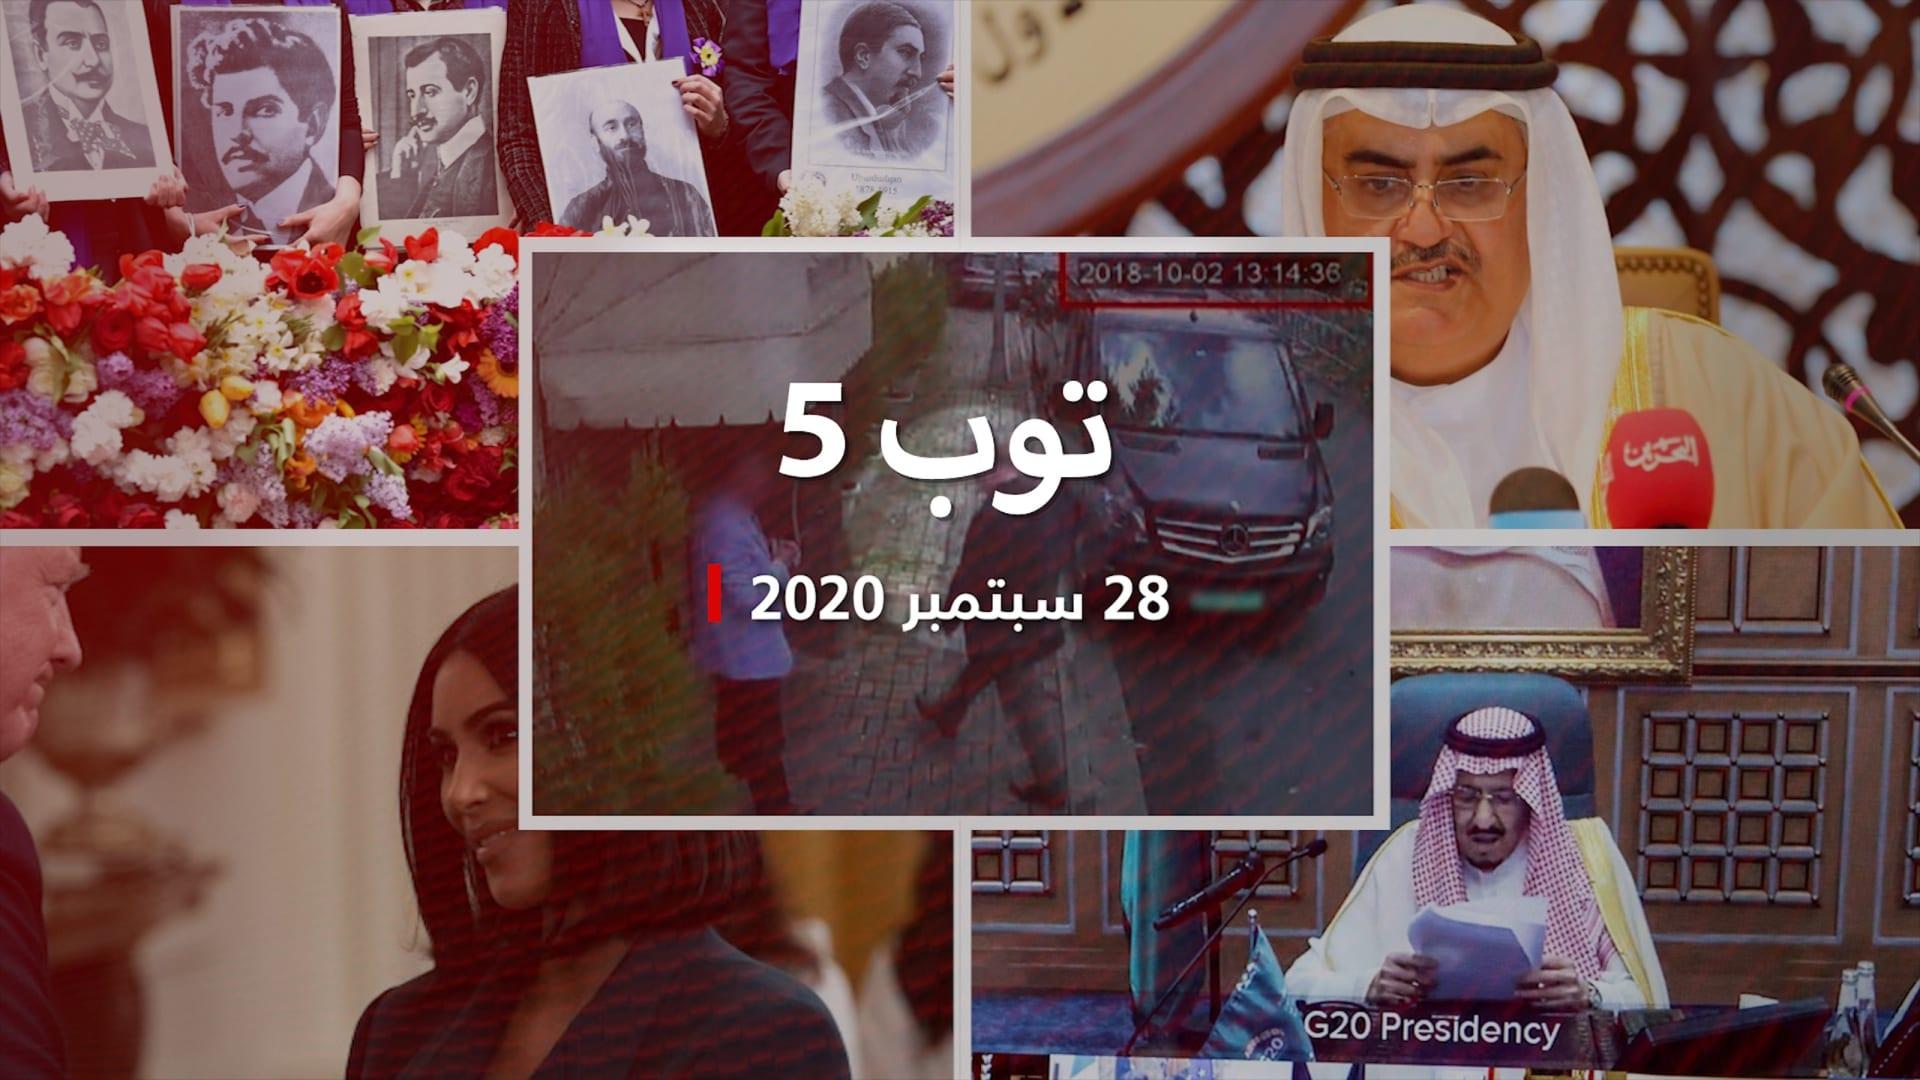 توب 5: لائحة اتهام تركية ثانية لسعوديين بقضية خاشقجي.. ورد بحريني على قطر